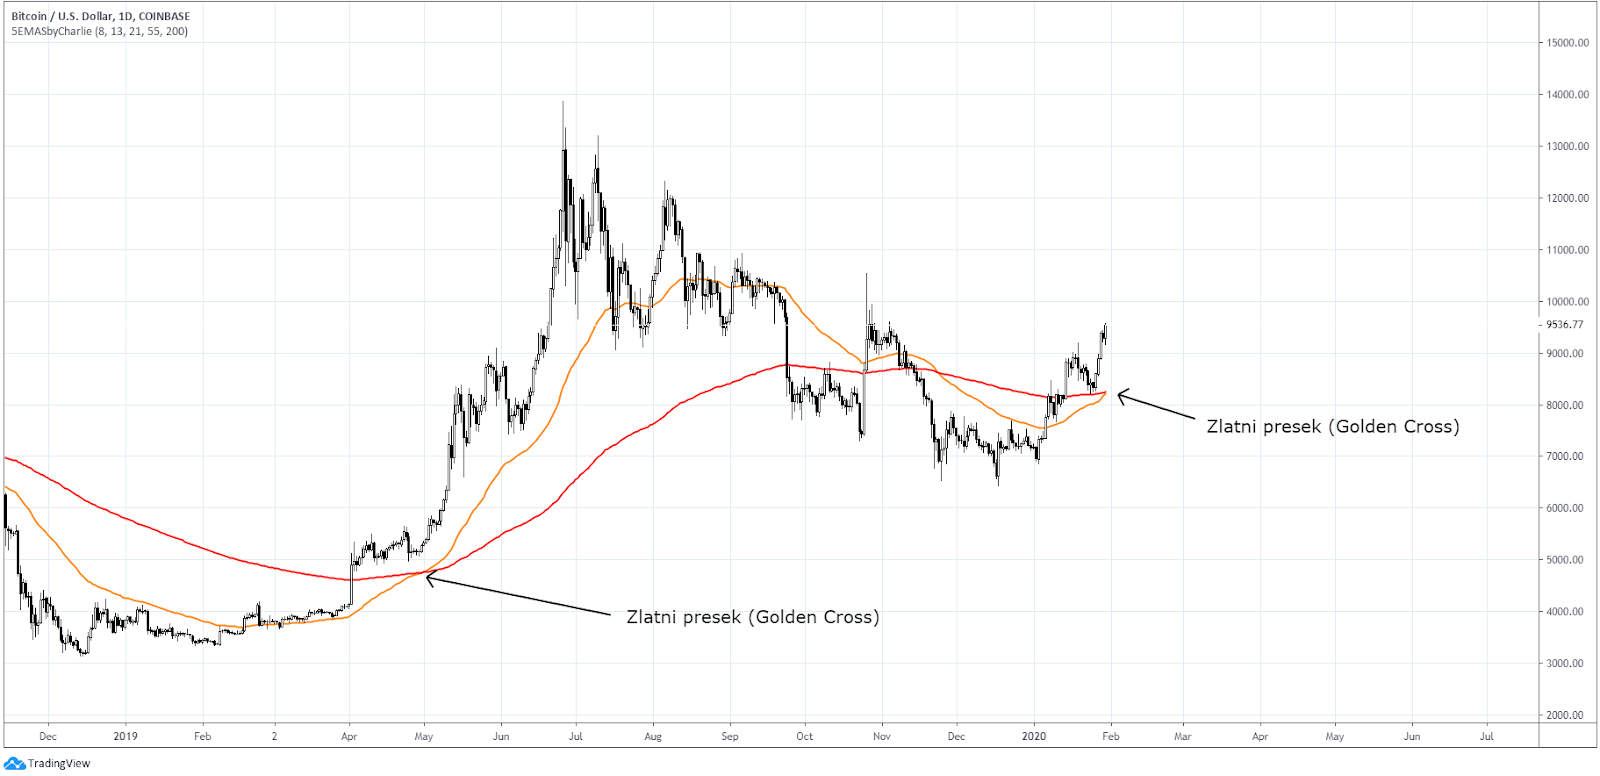 Bitkoin dolar dnevni grafikon. Izvor: TradingView